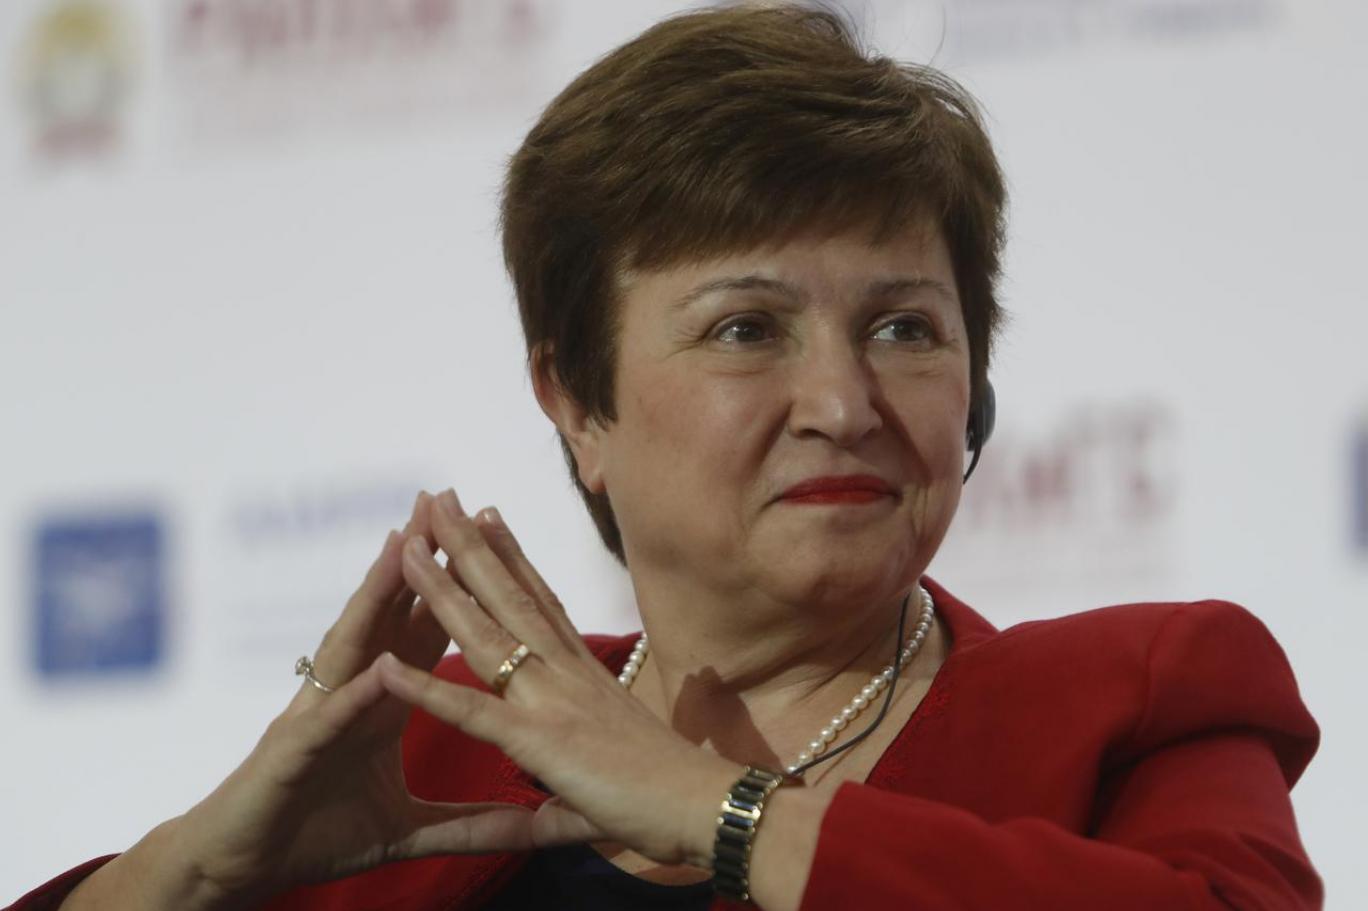 المديرة التنفيذية لصندوق النقد الدولي تقوم بزيارة للمغرب